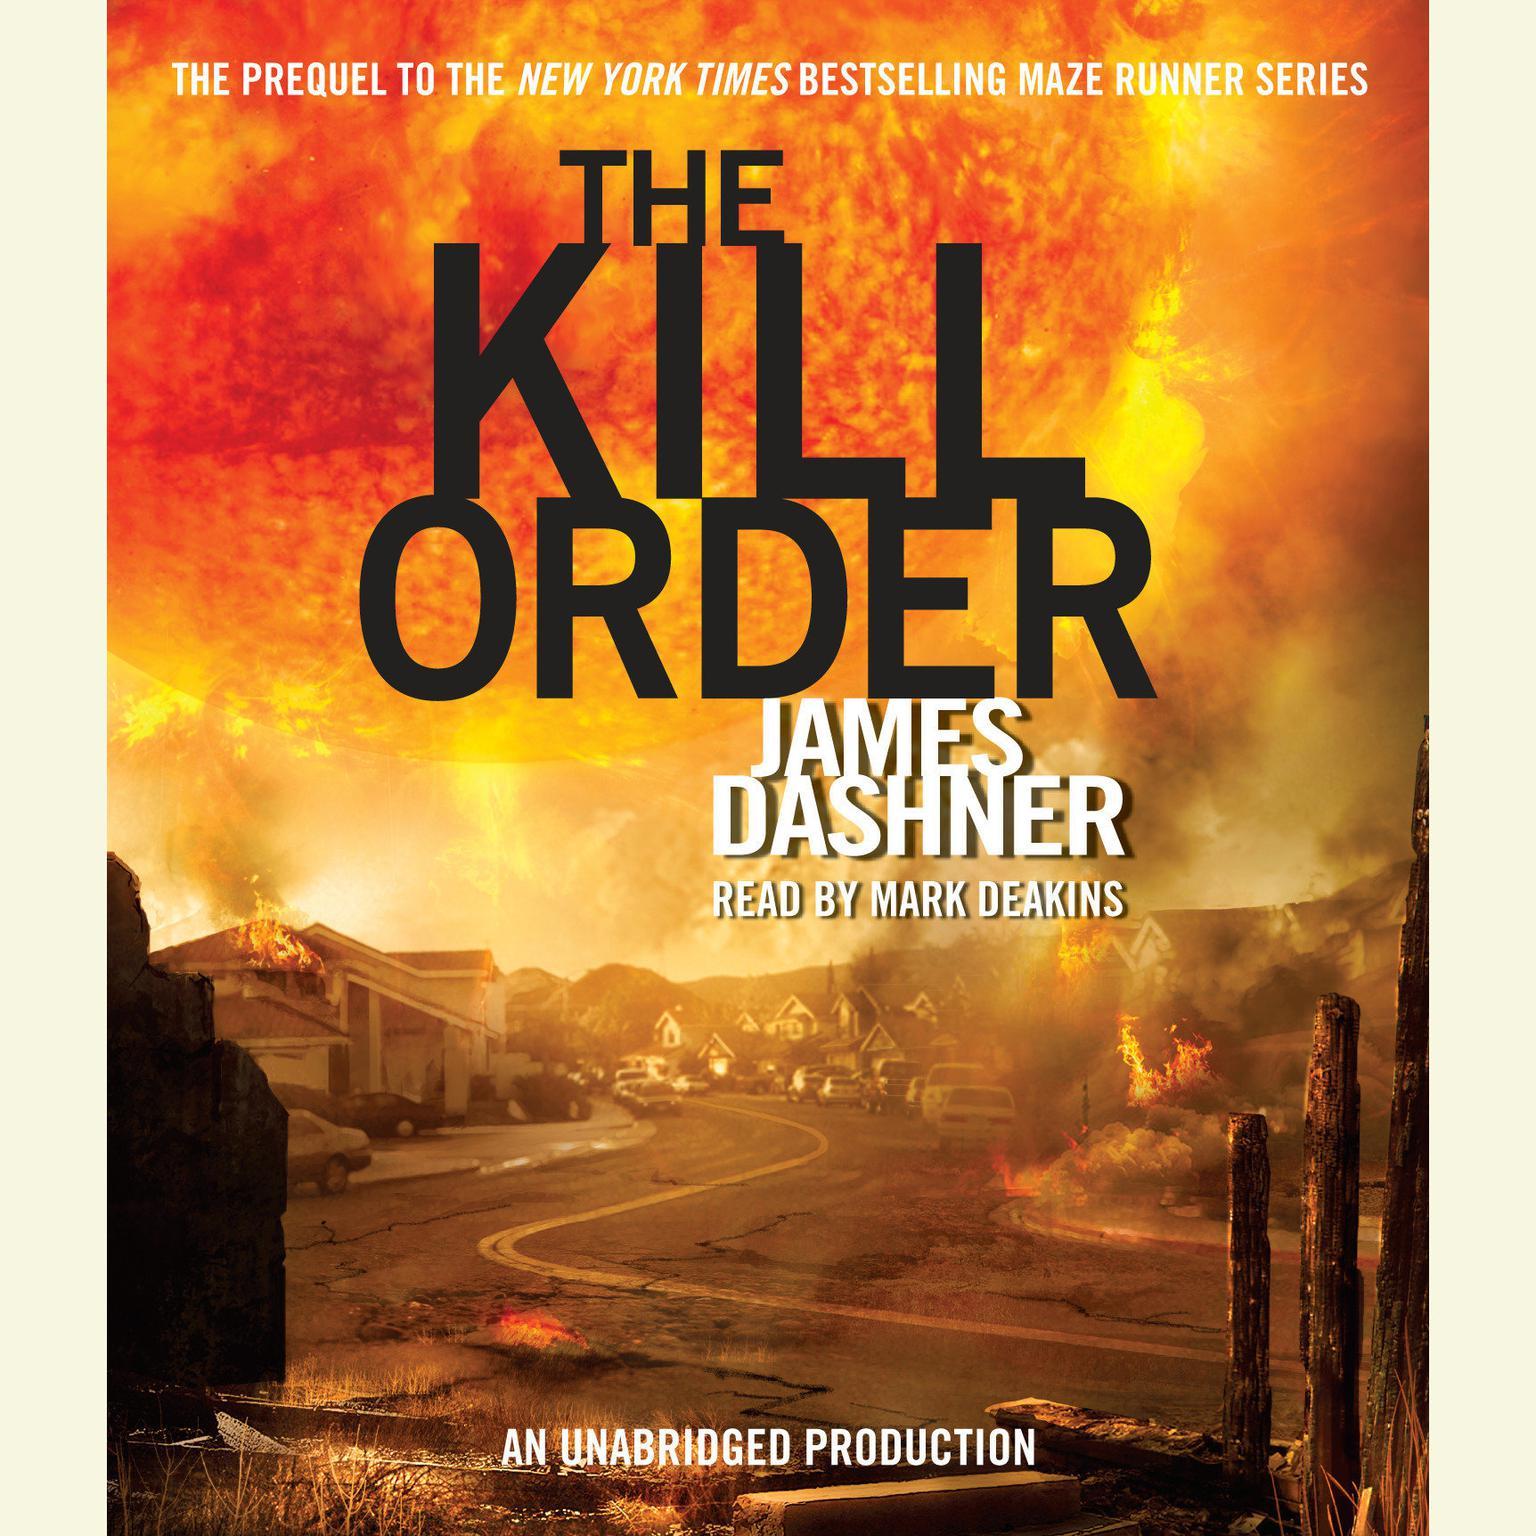 Maze Runner 4: The Kill Order